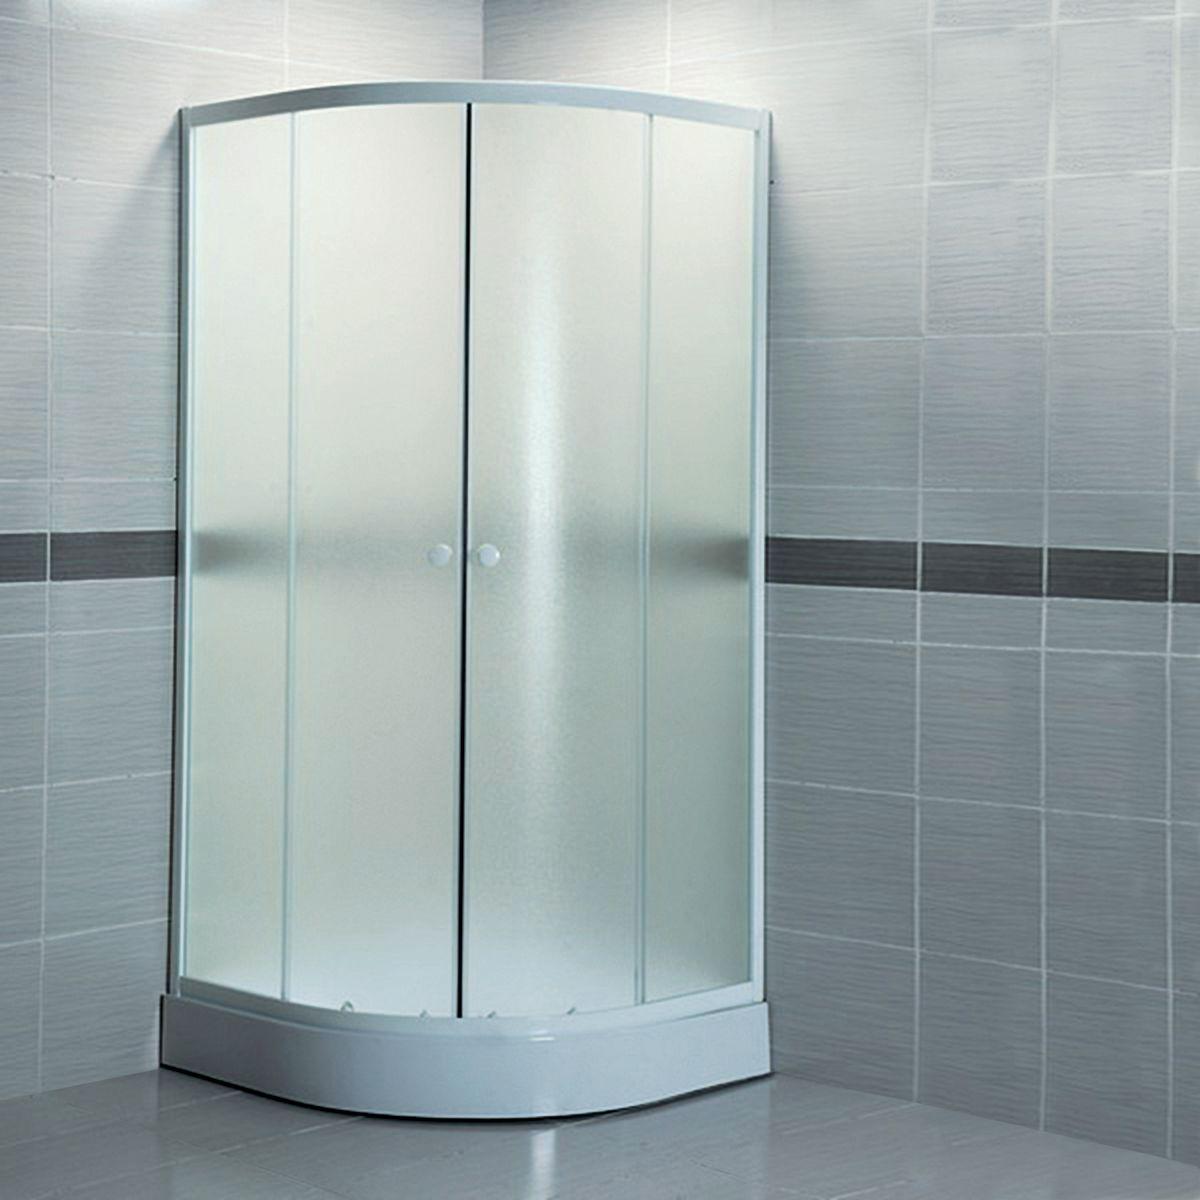 Cabina doccia muratura interesting cabina doccia muratura for Affitti cabina cabina resort pinecrest